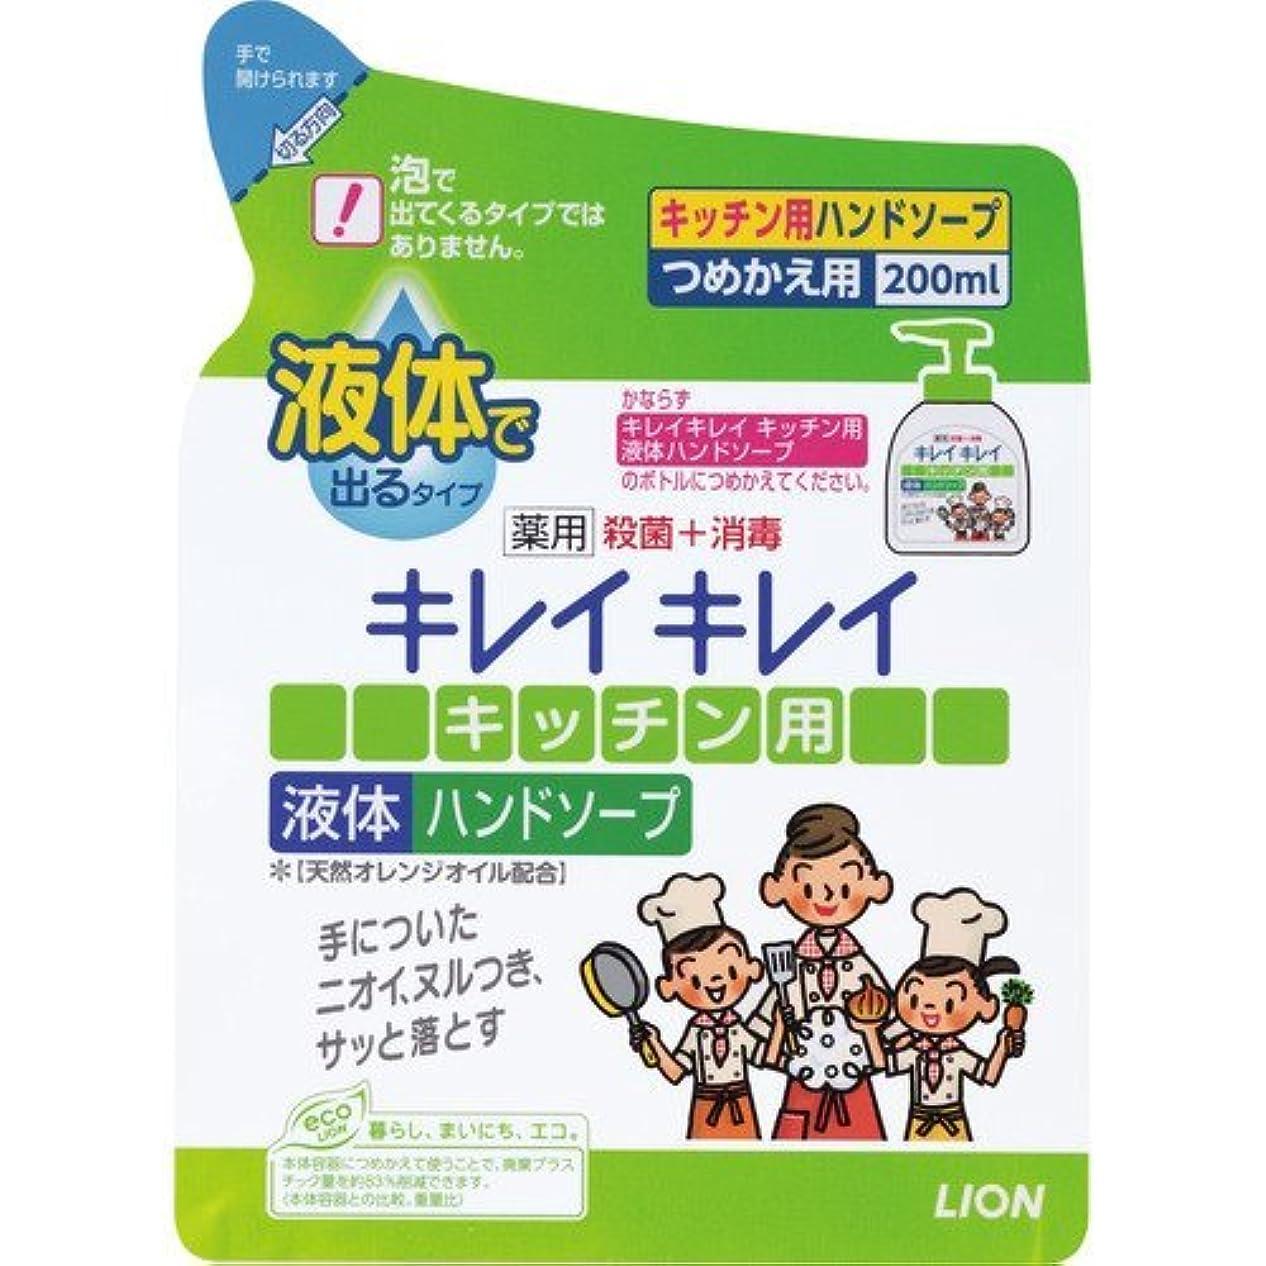 ペイント酸化物腐敗キレイキレイキッチンハンドソープ詰替 200ml